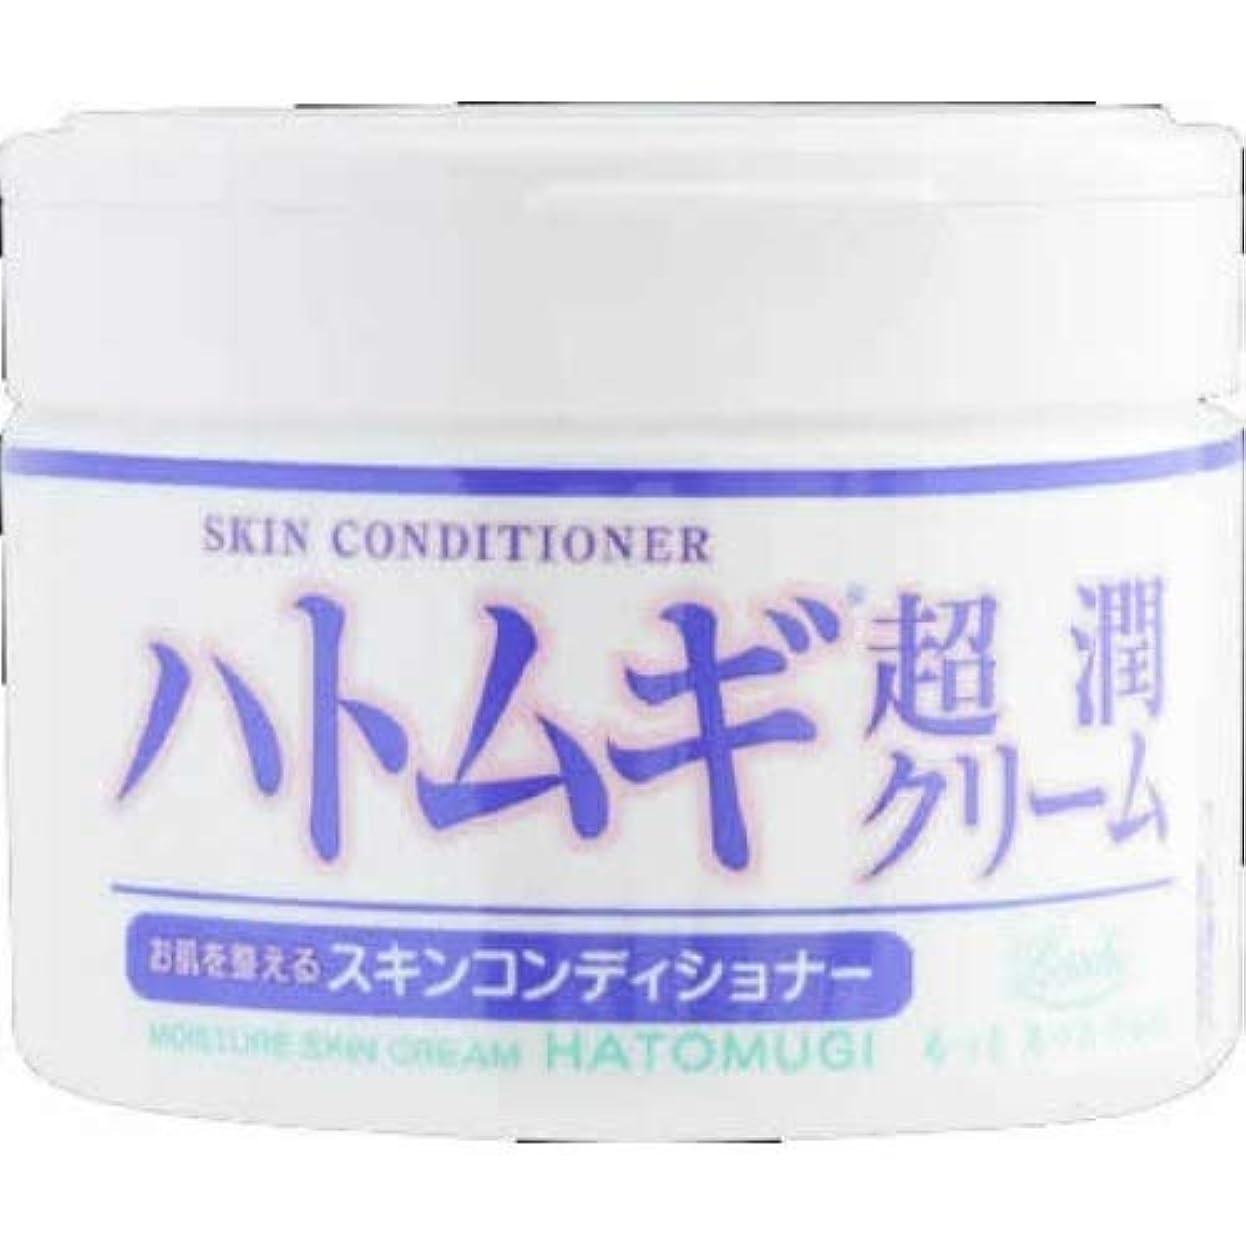 上回る消毒剤したがってロッシモイストエイド ハトムギ配合スキンクリーム × 8個セット